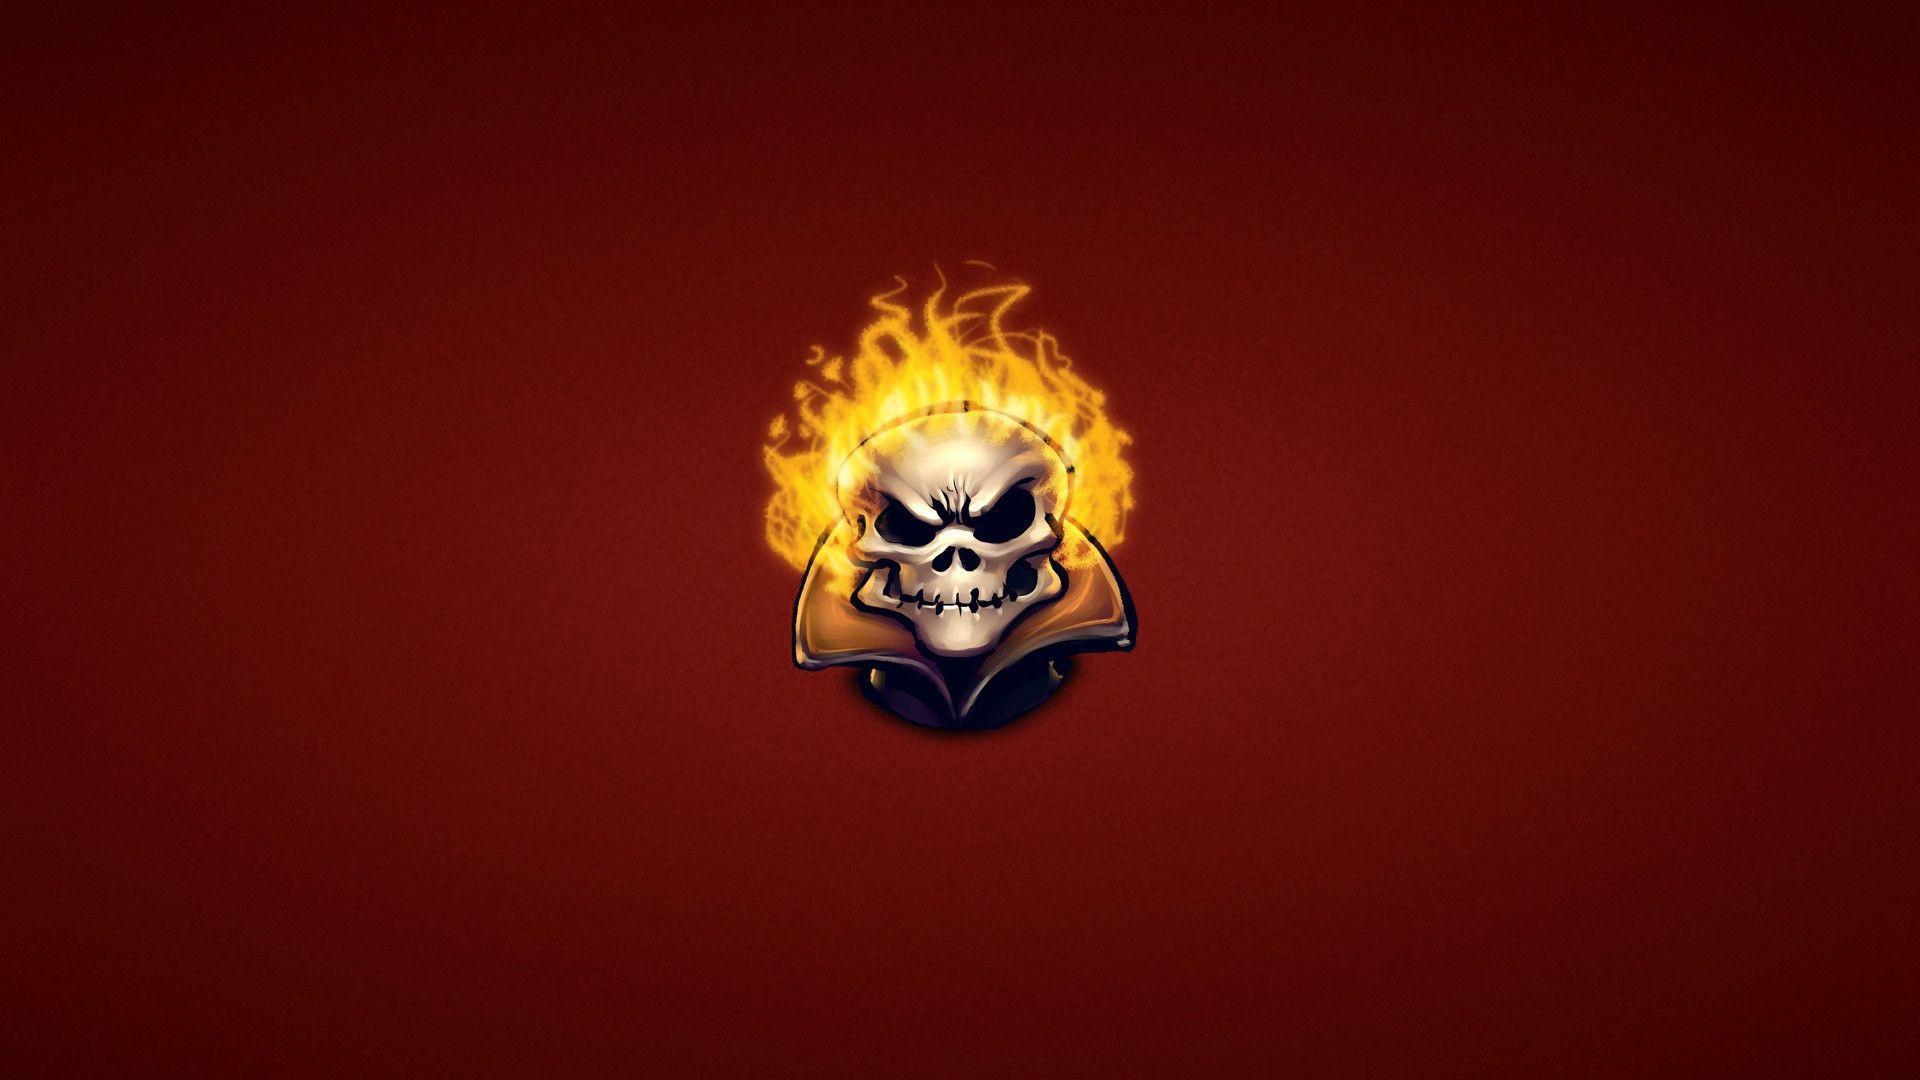 Ghost Rider Skull Wallpaper 229739